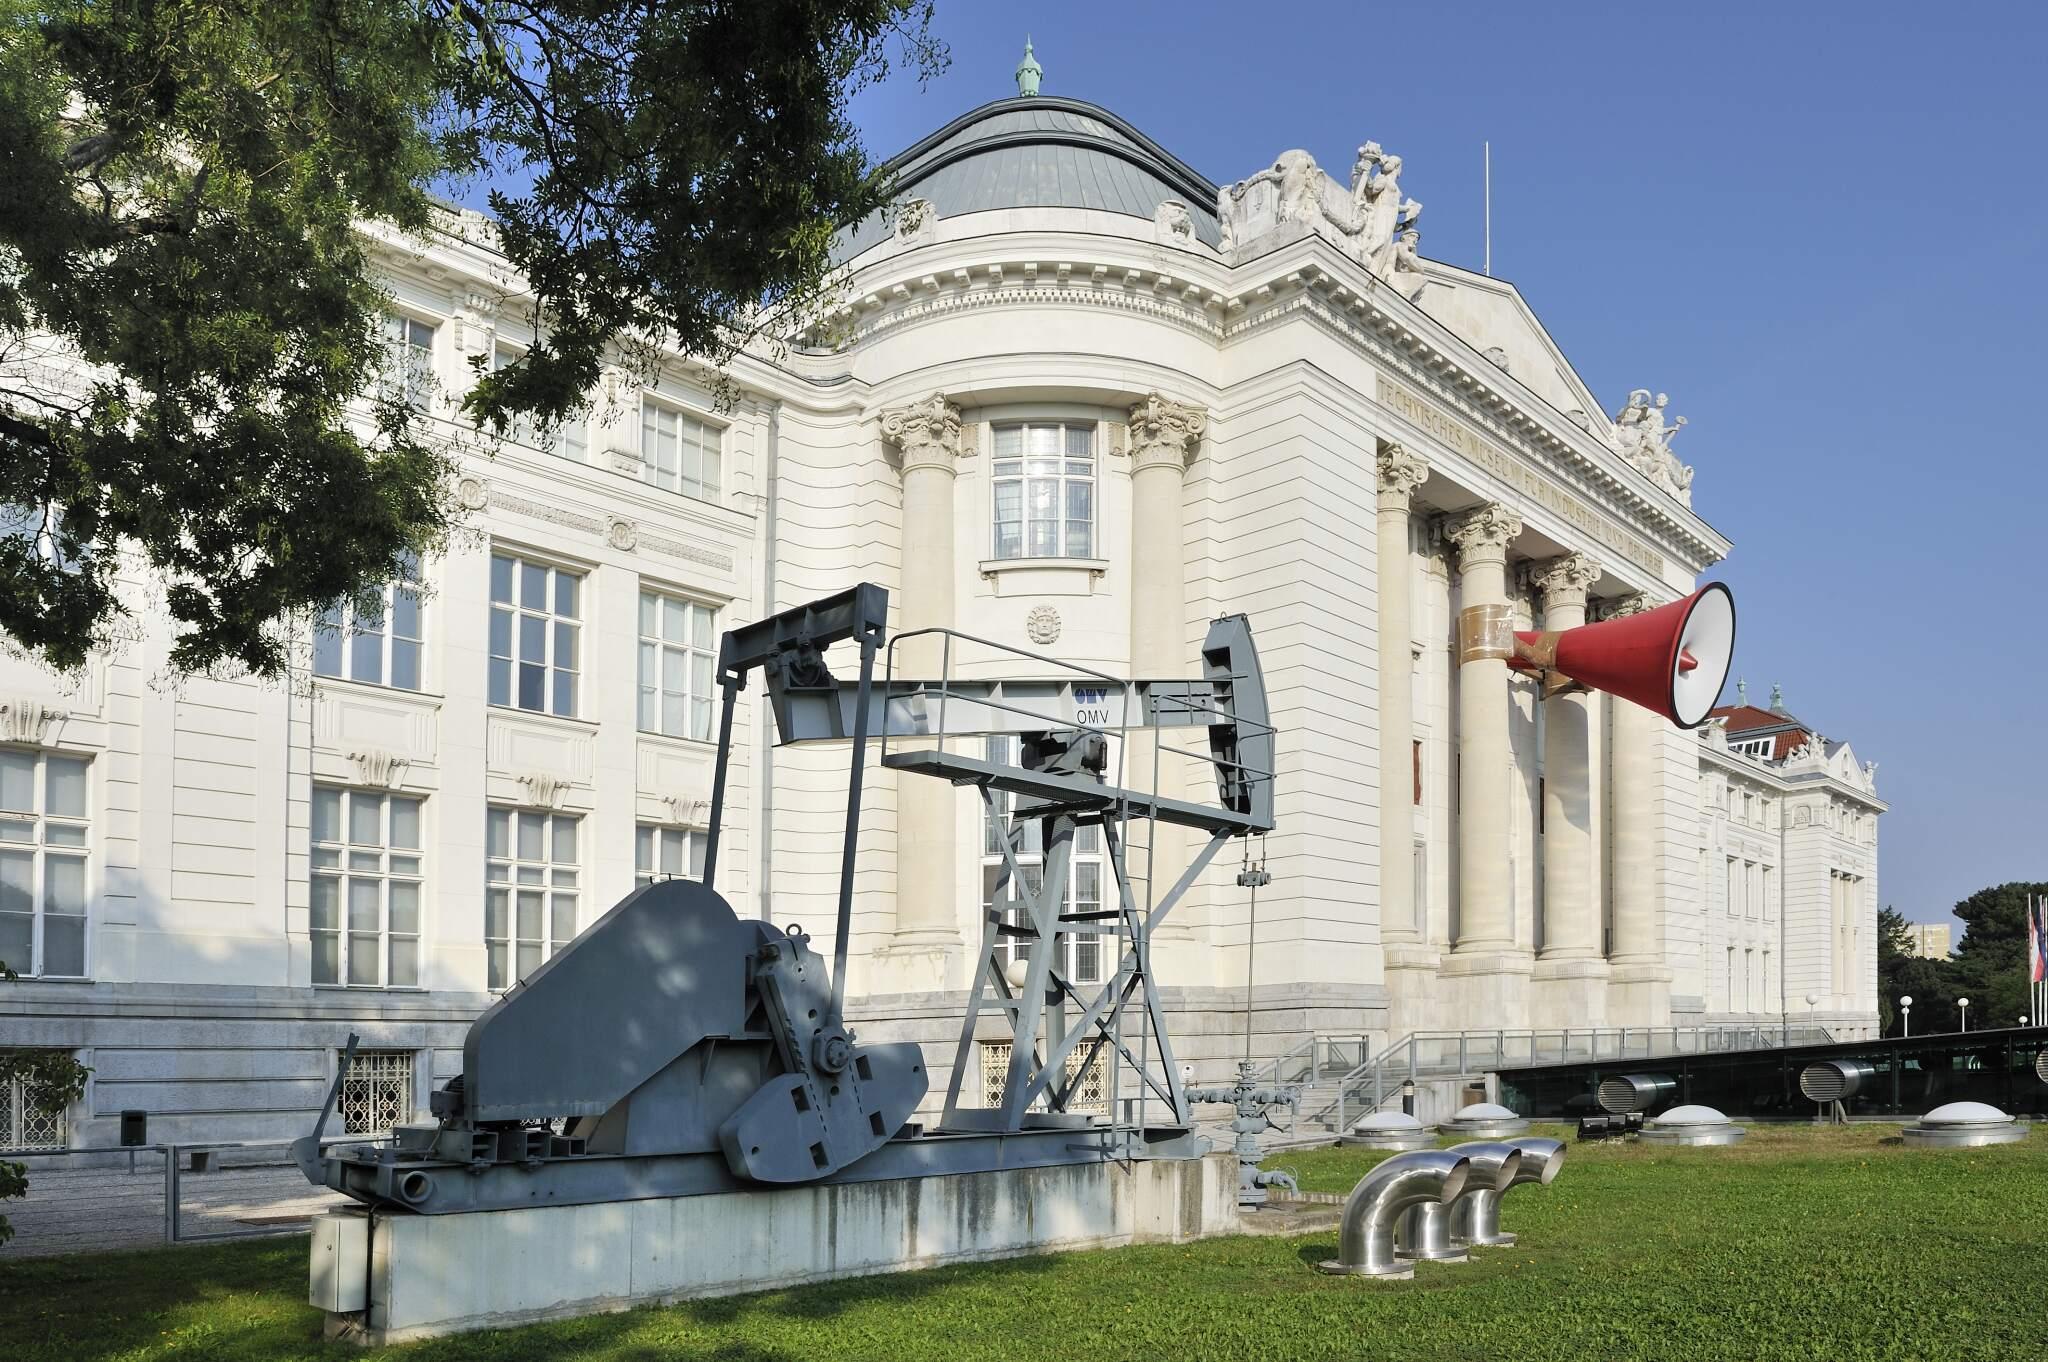 Technisches Museum Wien mit Ölpumpe (14., Mariahilfer Strasse 212)